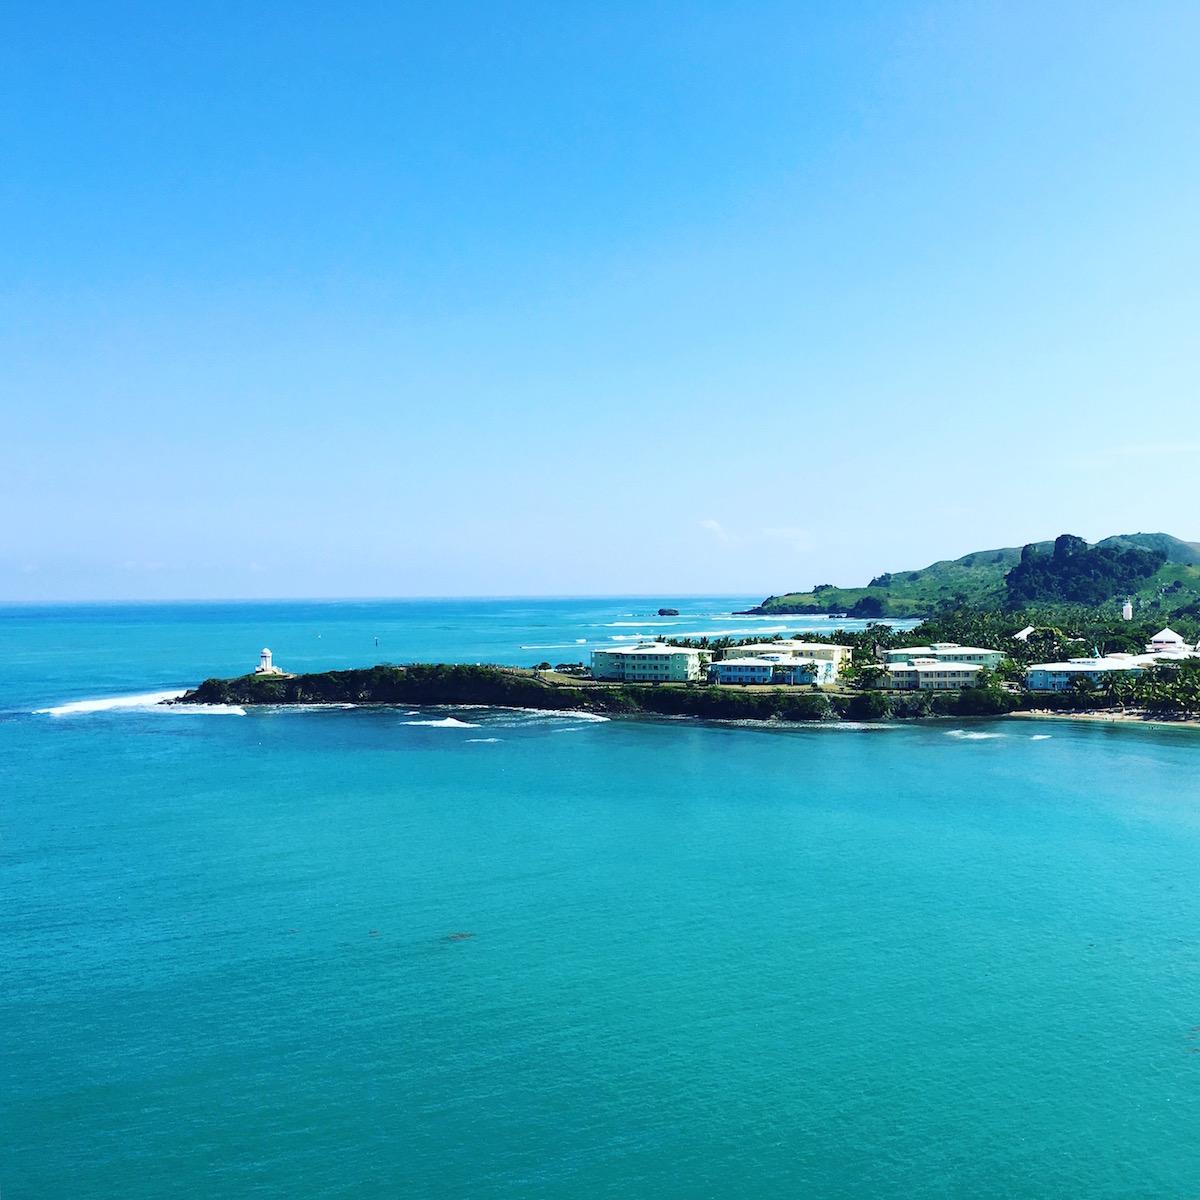 Dominican Republic - Amber Cove